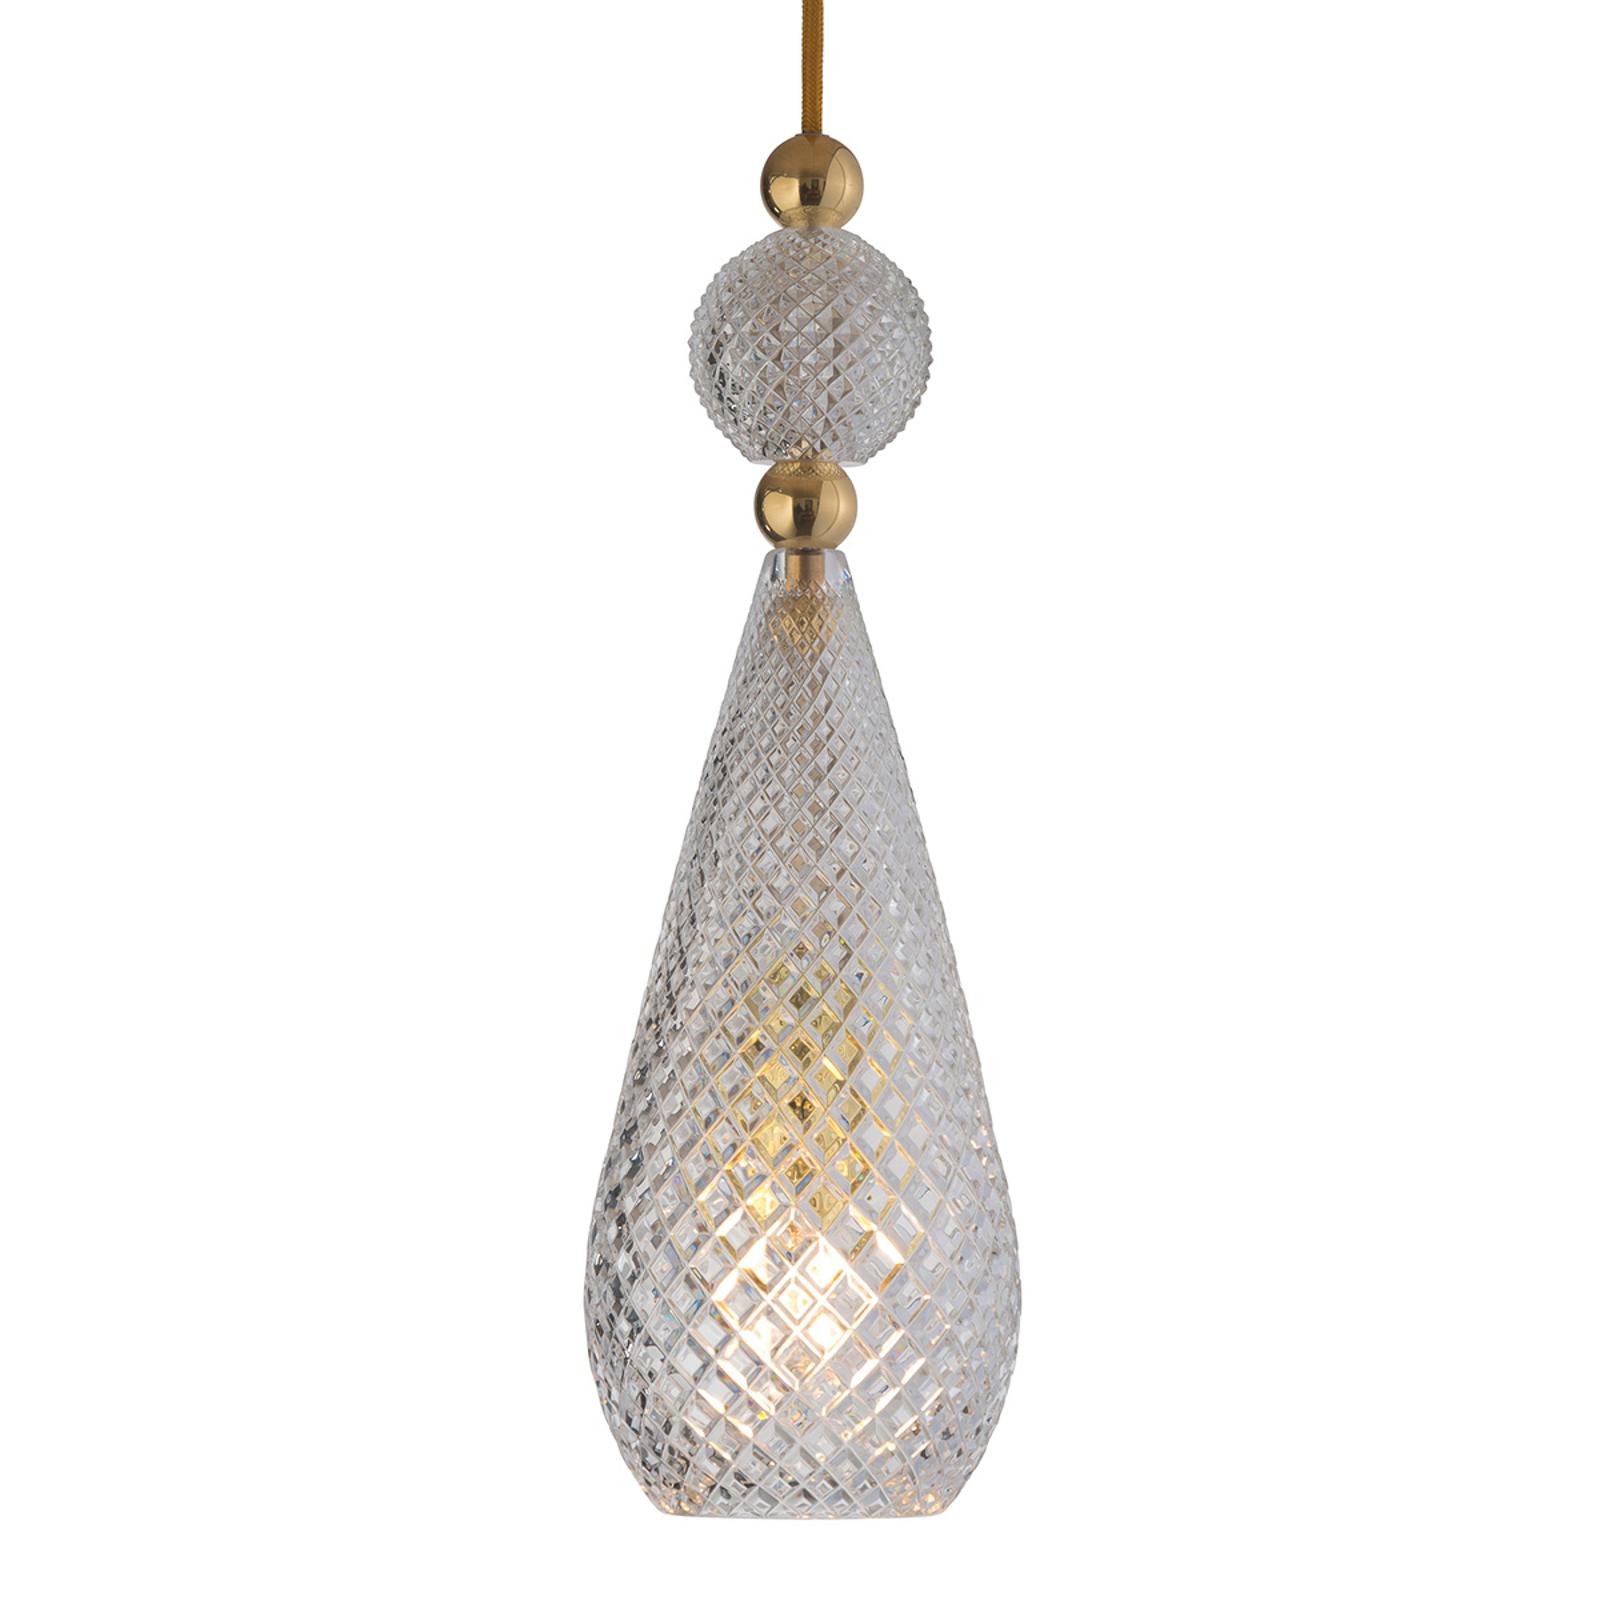 EBB & FLOW Smykke Pendelleuchte gold, kristall